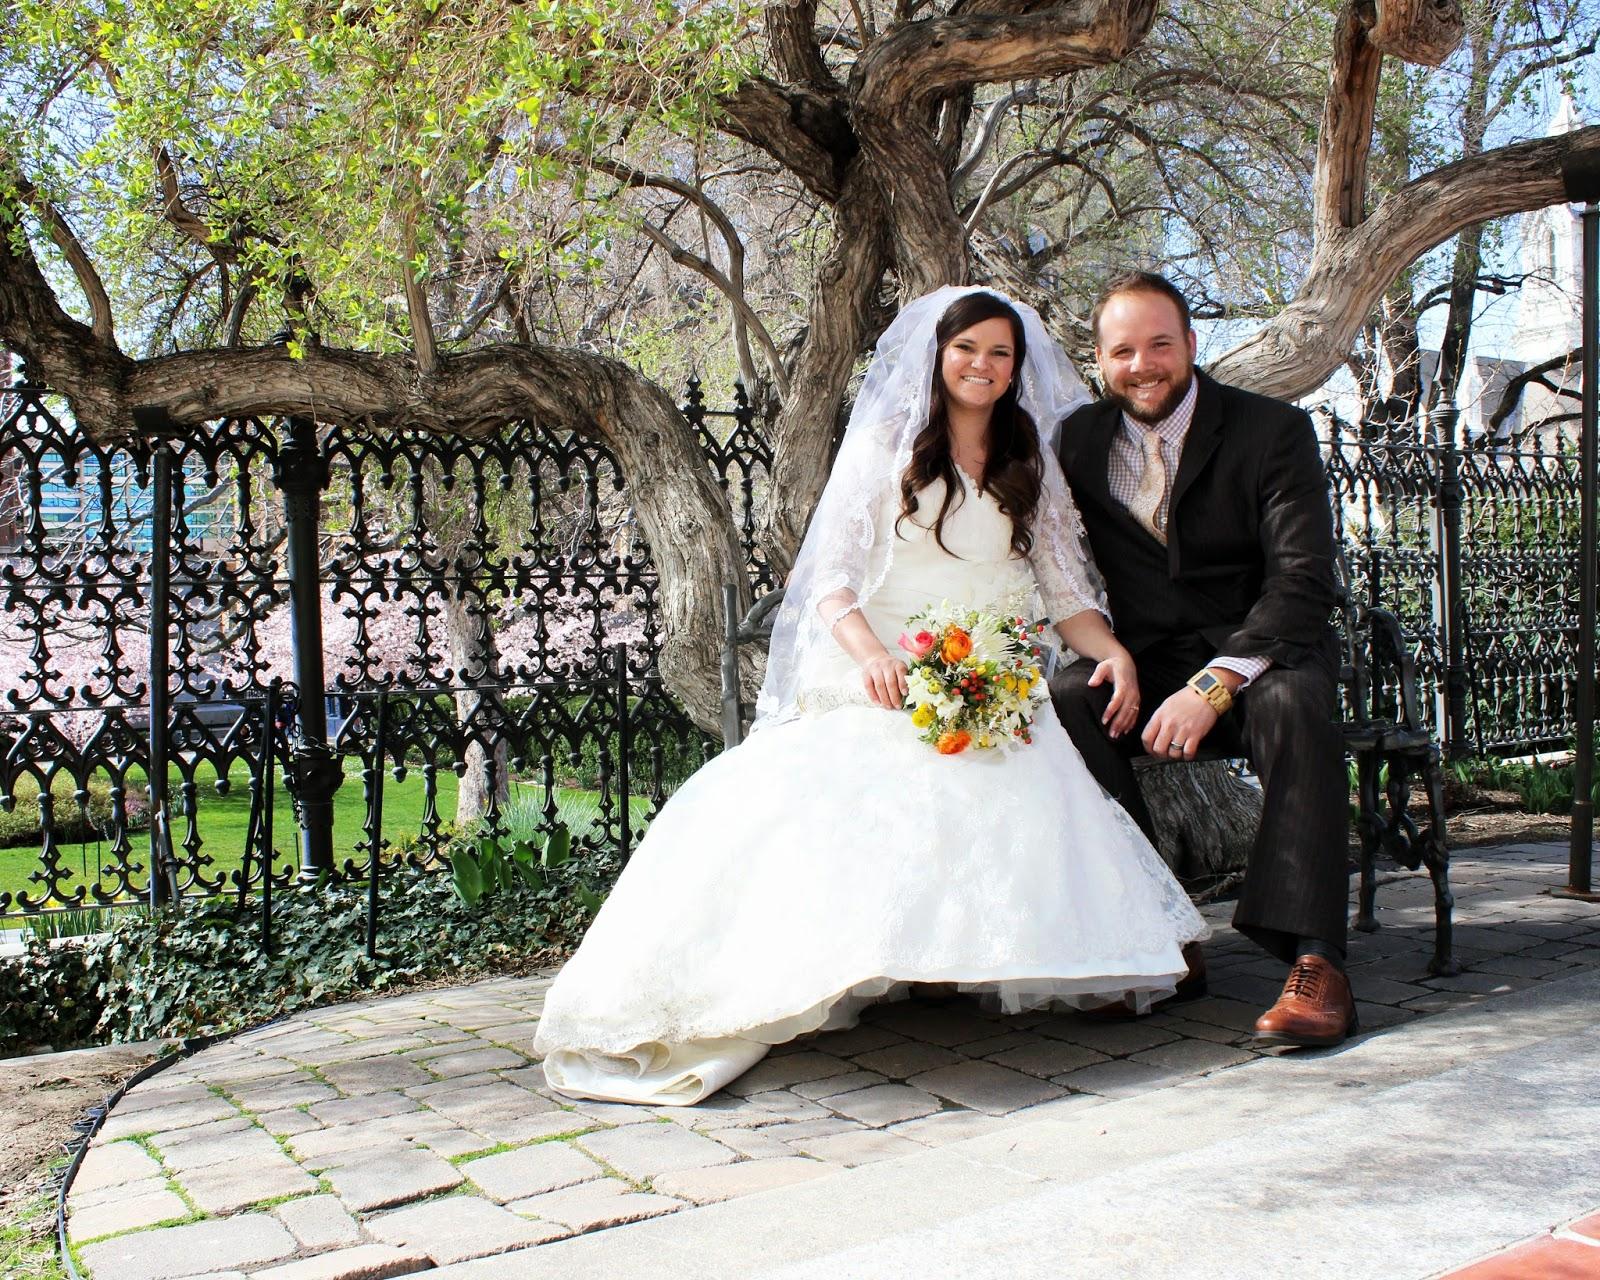 http://www.sarahrossphoto.com/2014/06/wedding.html